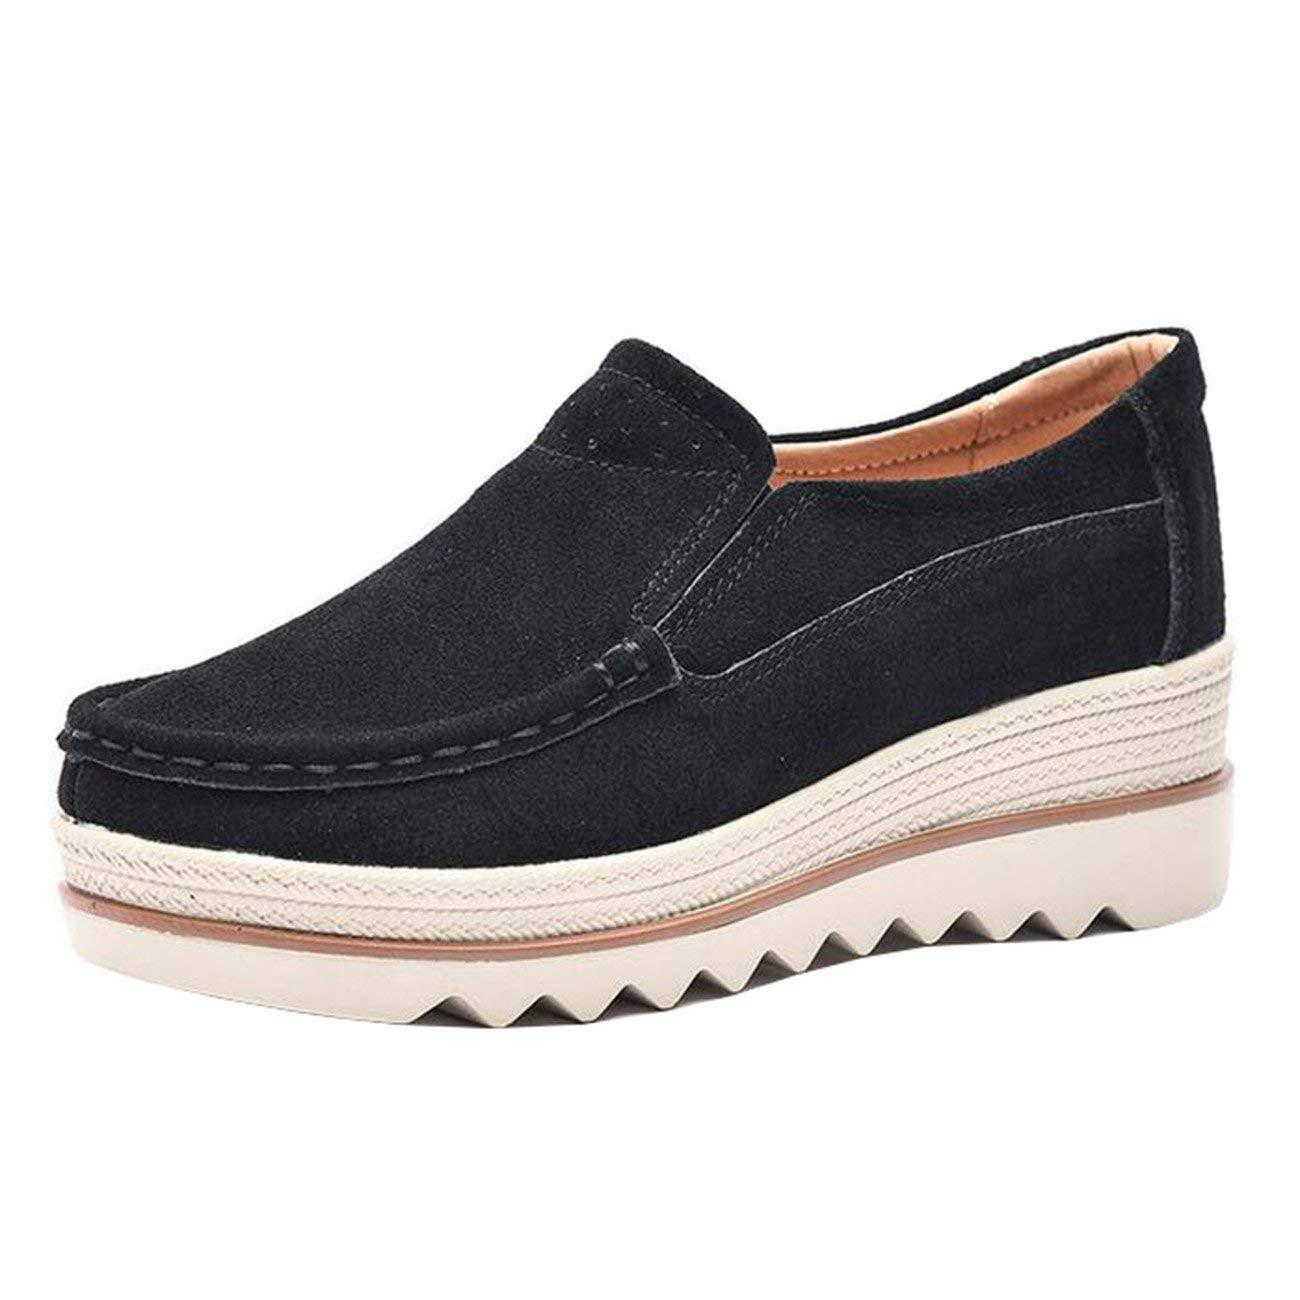 Fuxitoggo Damen Runde-Toe-Plattform Keilabsatz Loafers (Farbe   Schwarz Größe   5 UK)